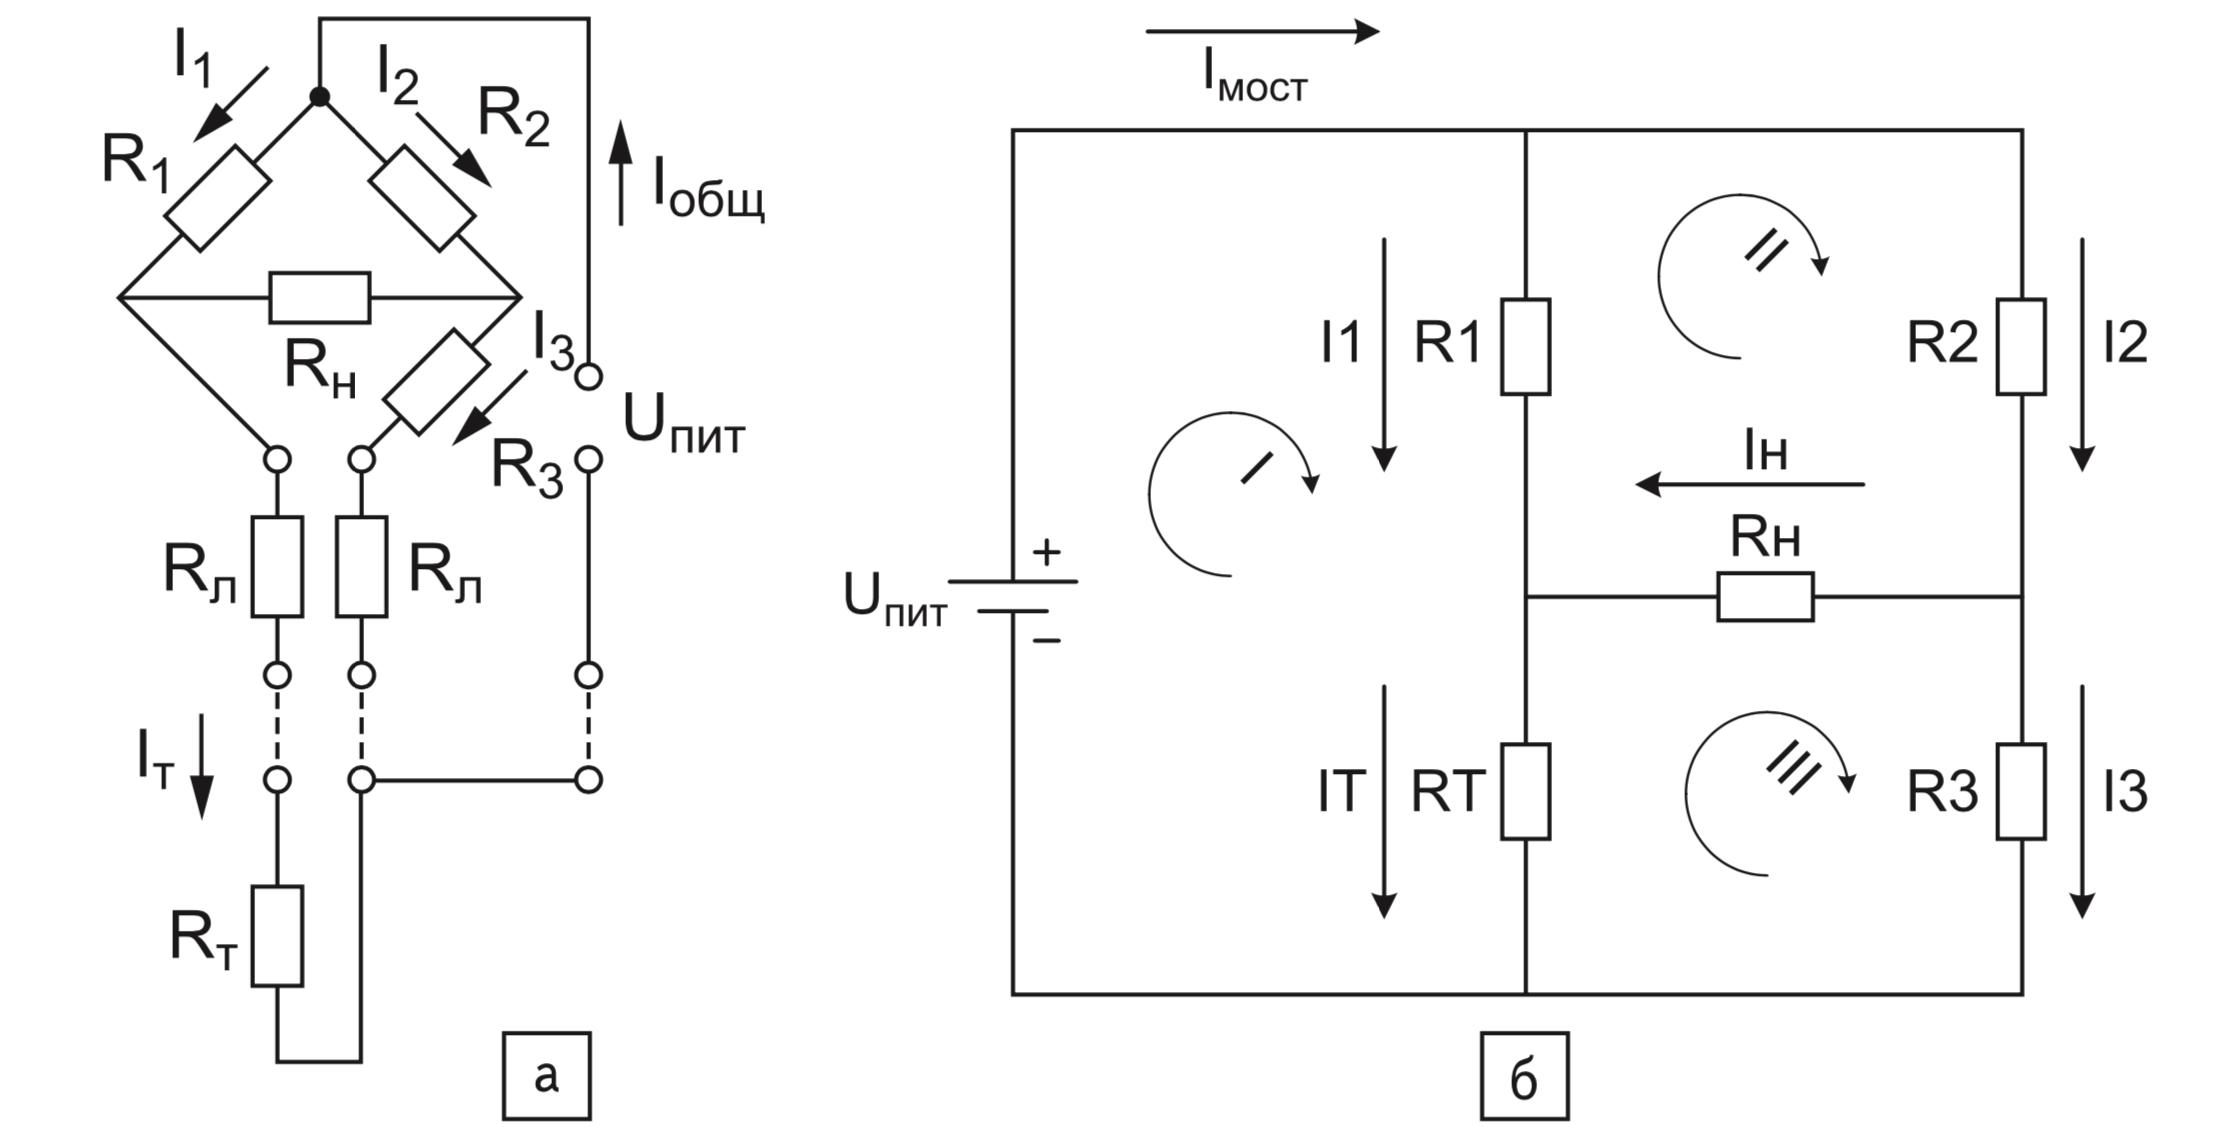 Преобразование структурной схемы измерительного моста: а) в расчетную схему; б) с учетом сопротивления нагрузки